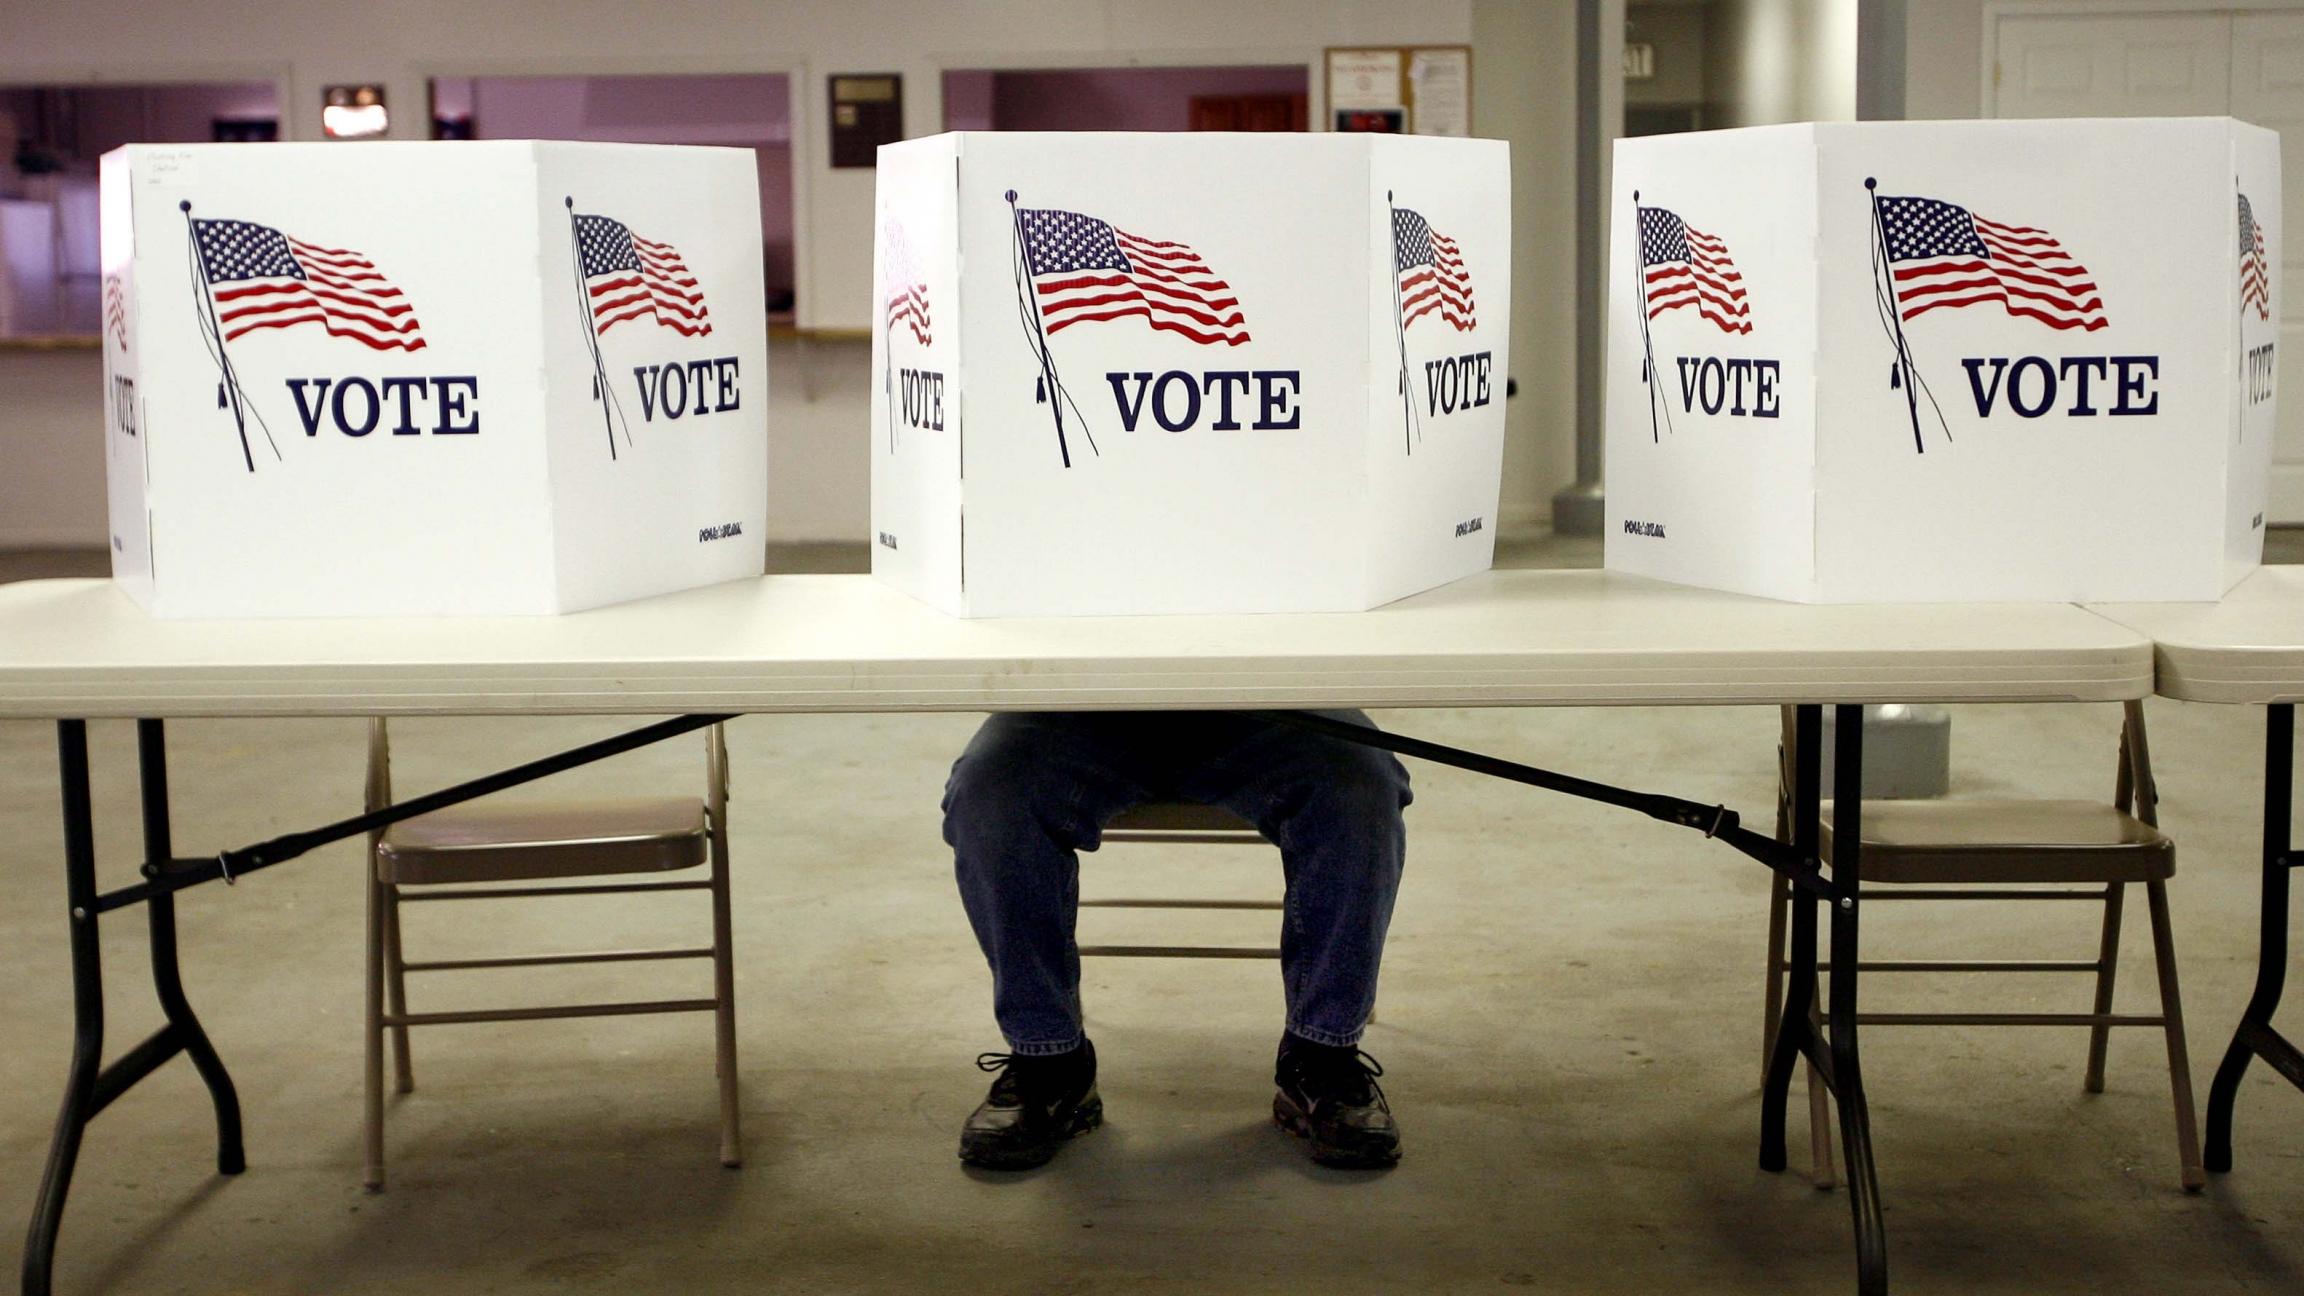 """Una persona esta sentada dentro de una urna de votacion, cubierta con carteles que dicen """"vote"""" y con banderas de los Estados Unidos."""